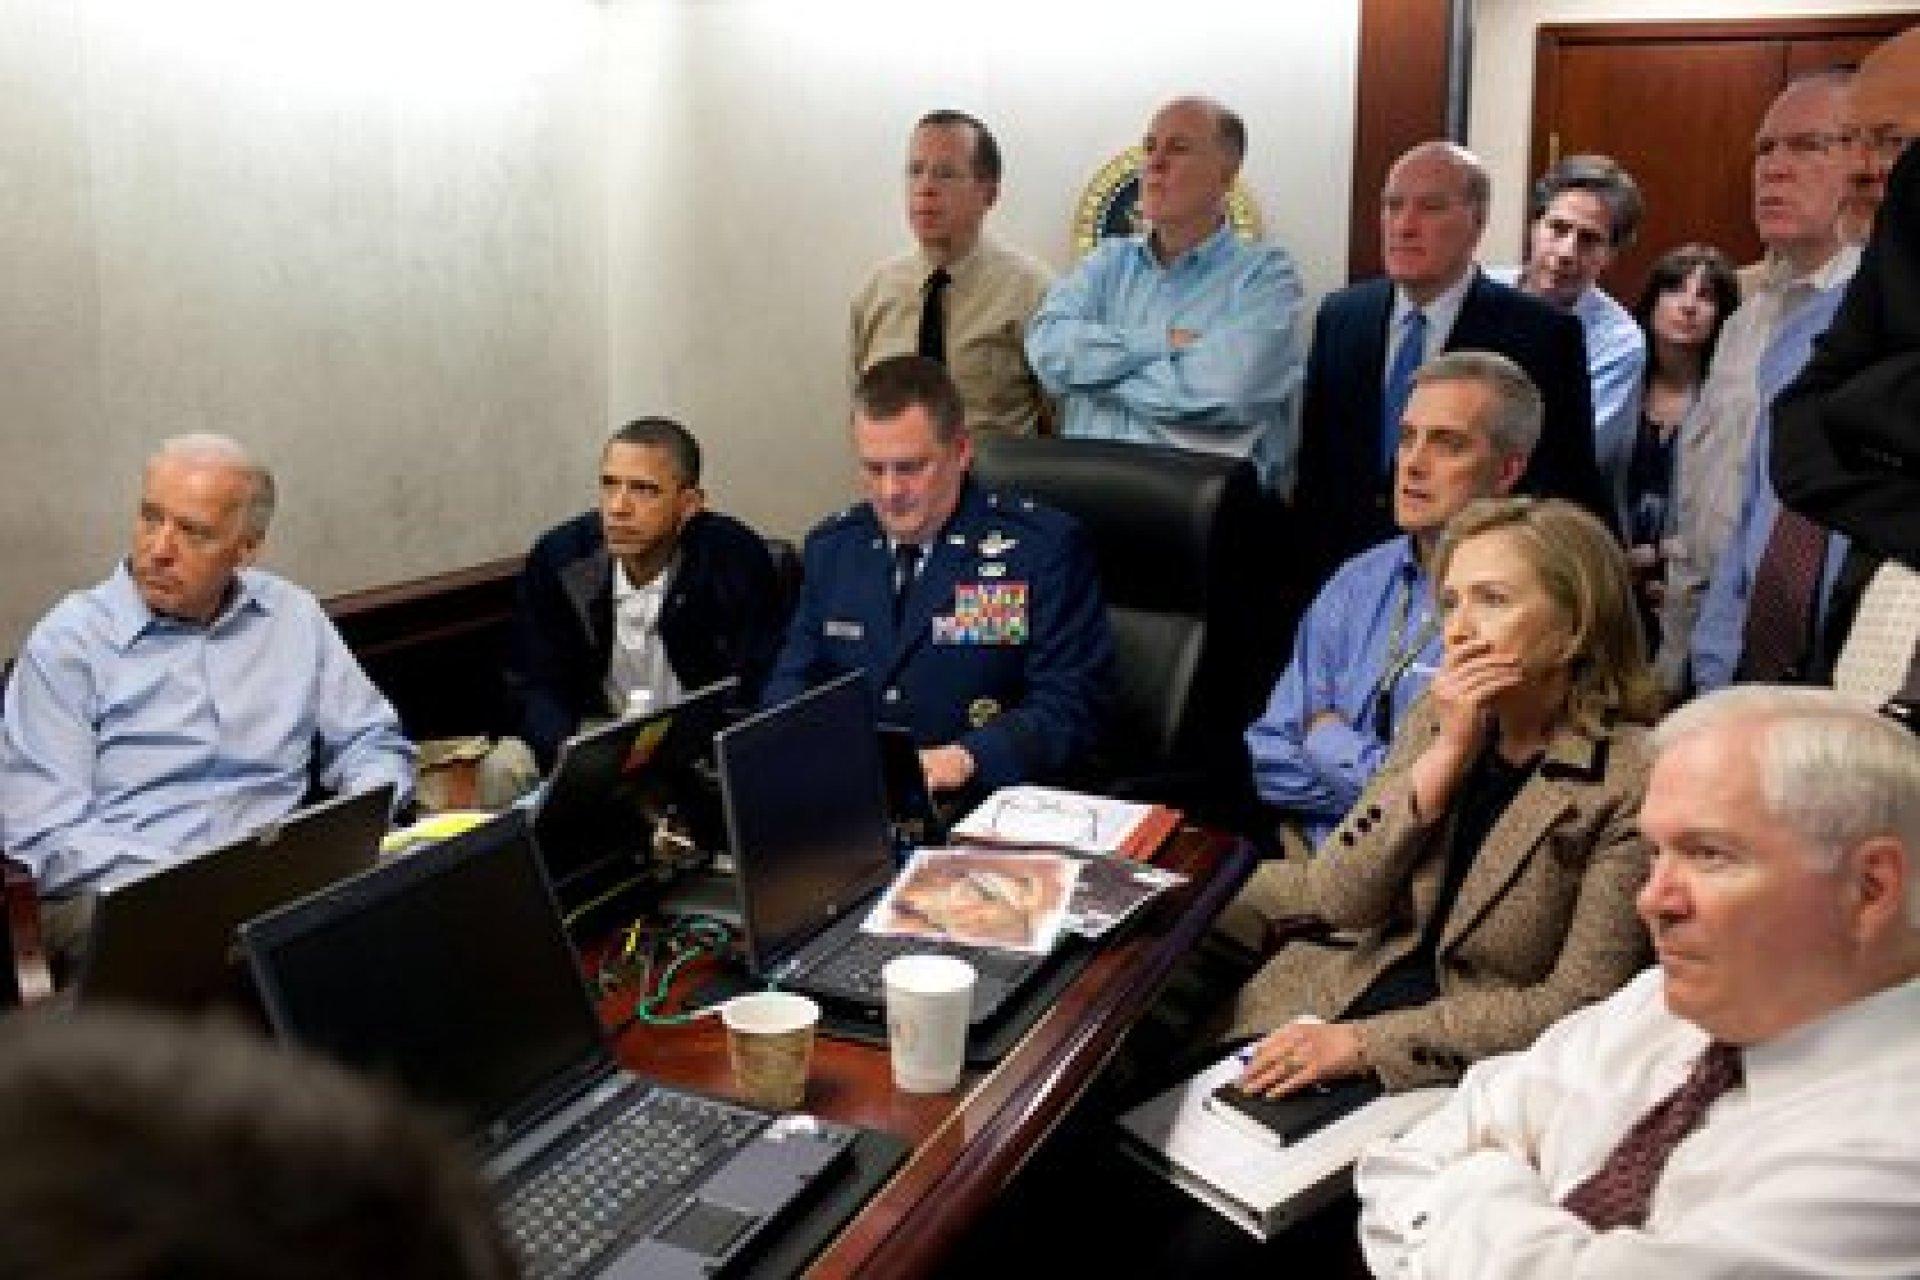 El entonces presidente de los Estados Unidos, Barack Obama y el vicepresidente Joe Biden, junto con miembros del equipo de seguridad nacional, reciben una actualización sobre la misión contra Osama bin Laden en la Sala de Situación de la Casa Blanca, el 1 de mayo de 2011.   REUTERS/White House/Pete Souza